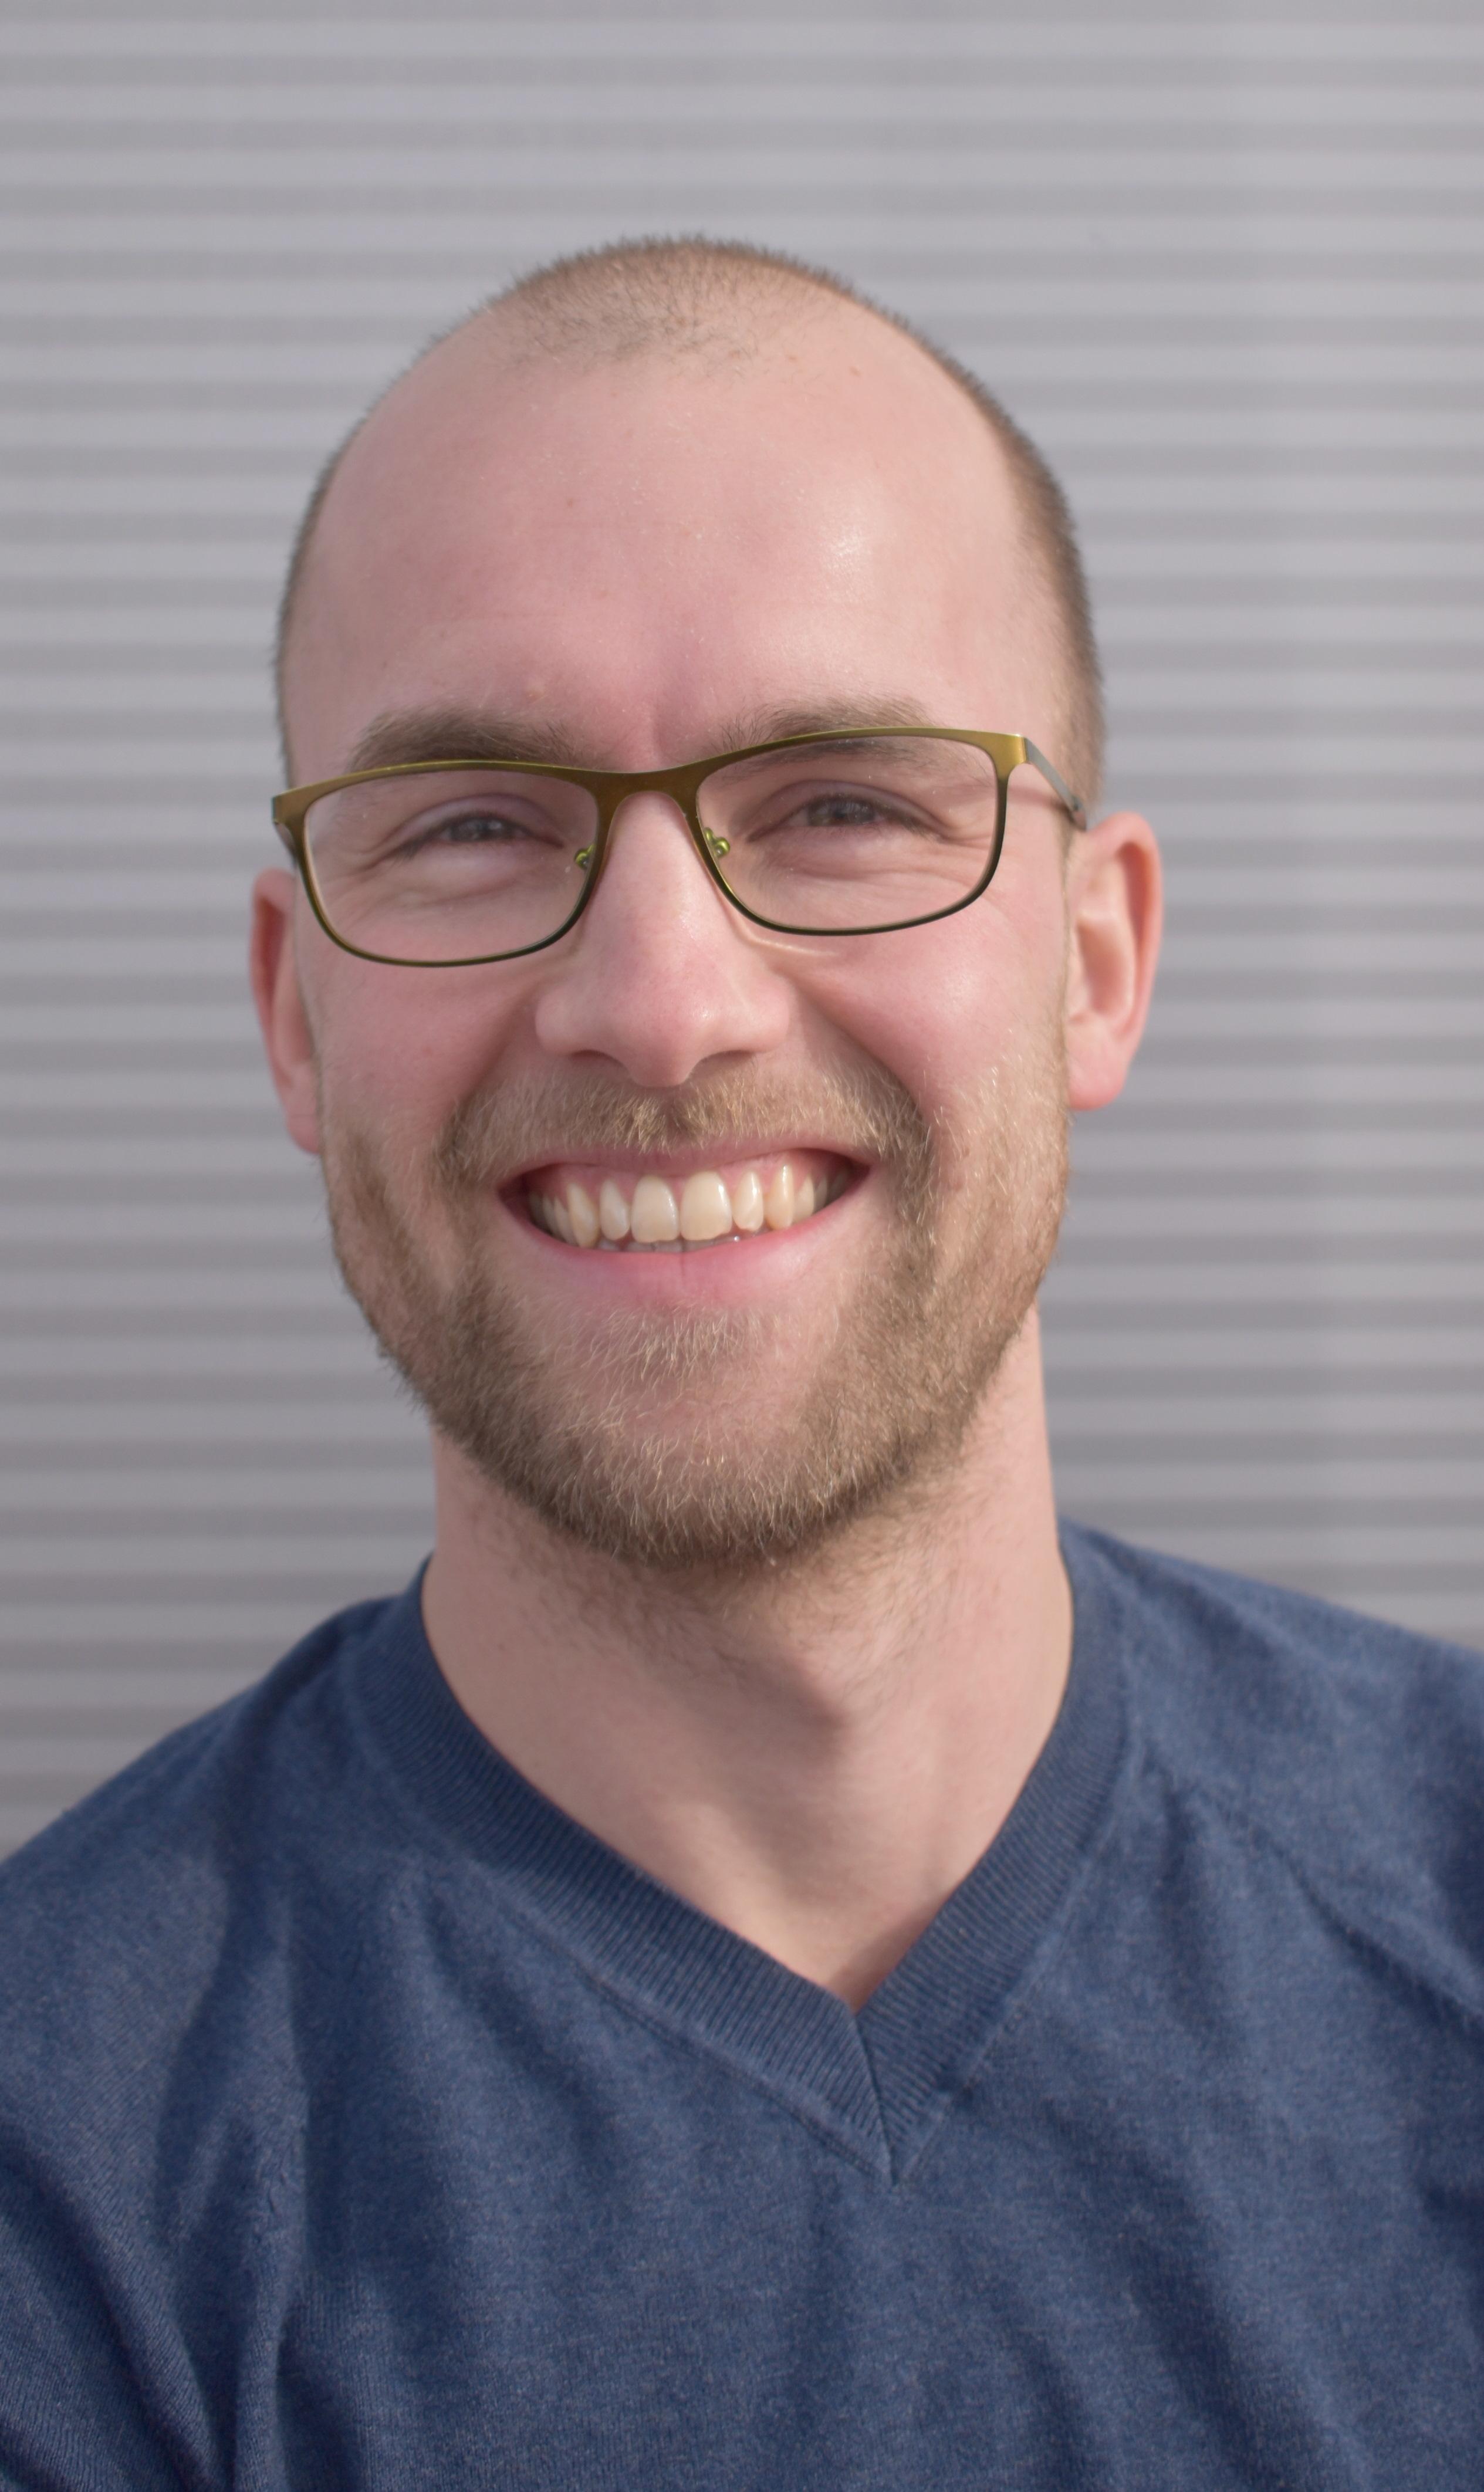 Robbert van Leeuwen, Technical Project Manager